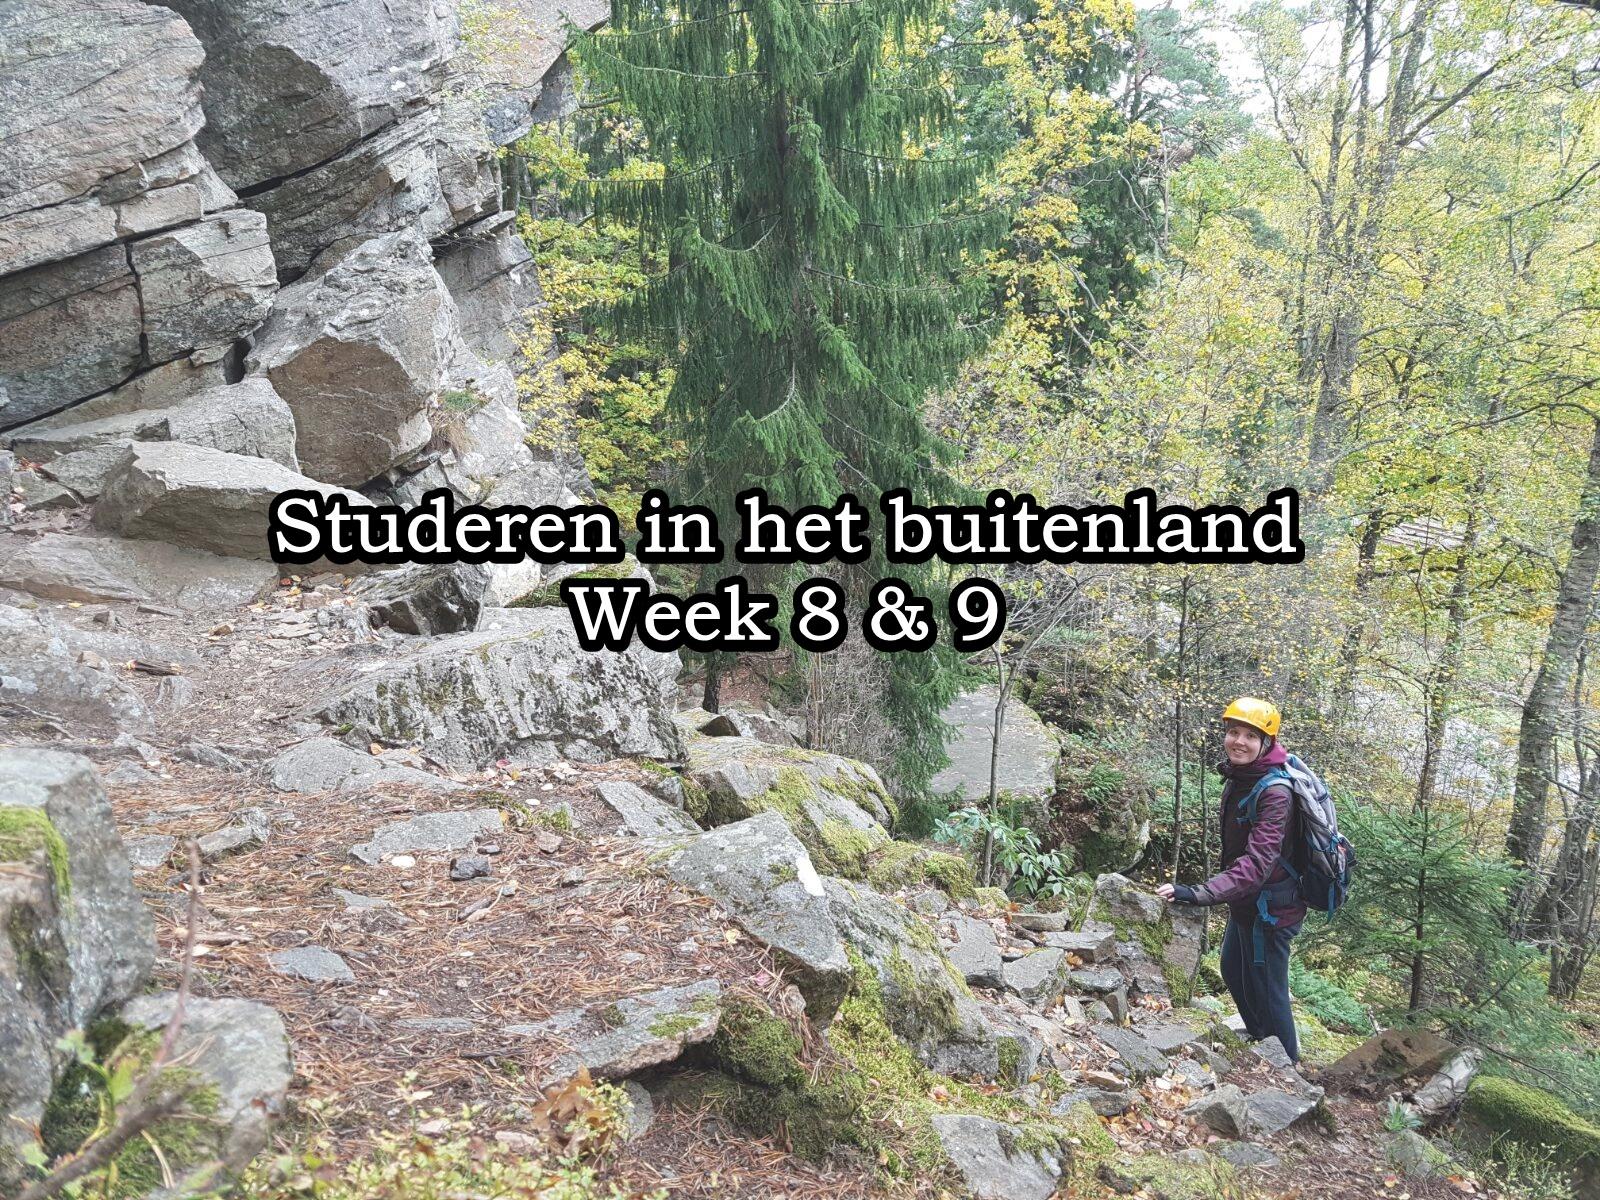 Week 8 & 9